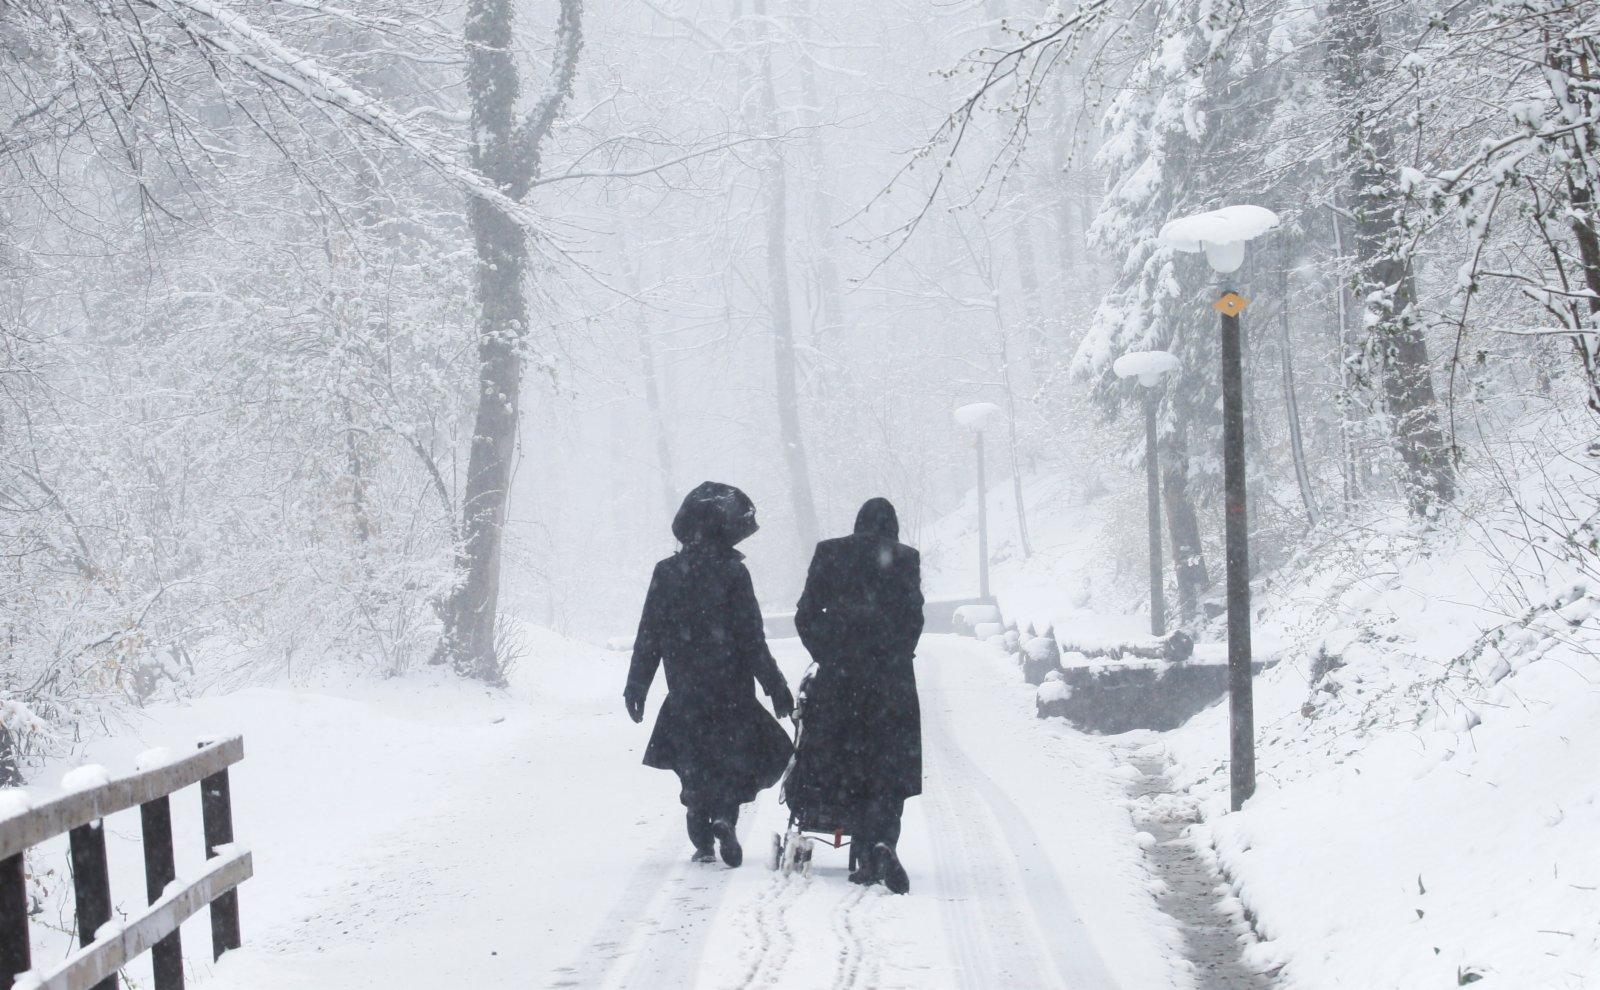 圖為人們穿過白雪覆蓋的森林。(路透社)